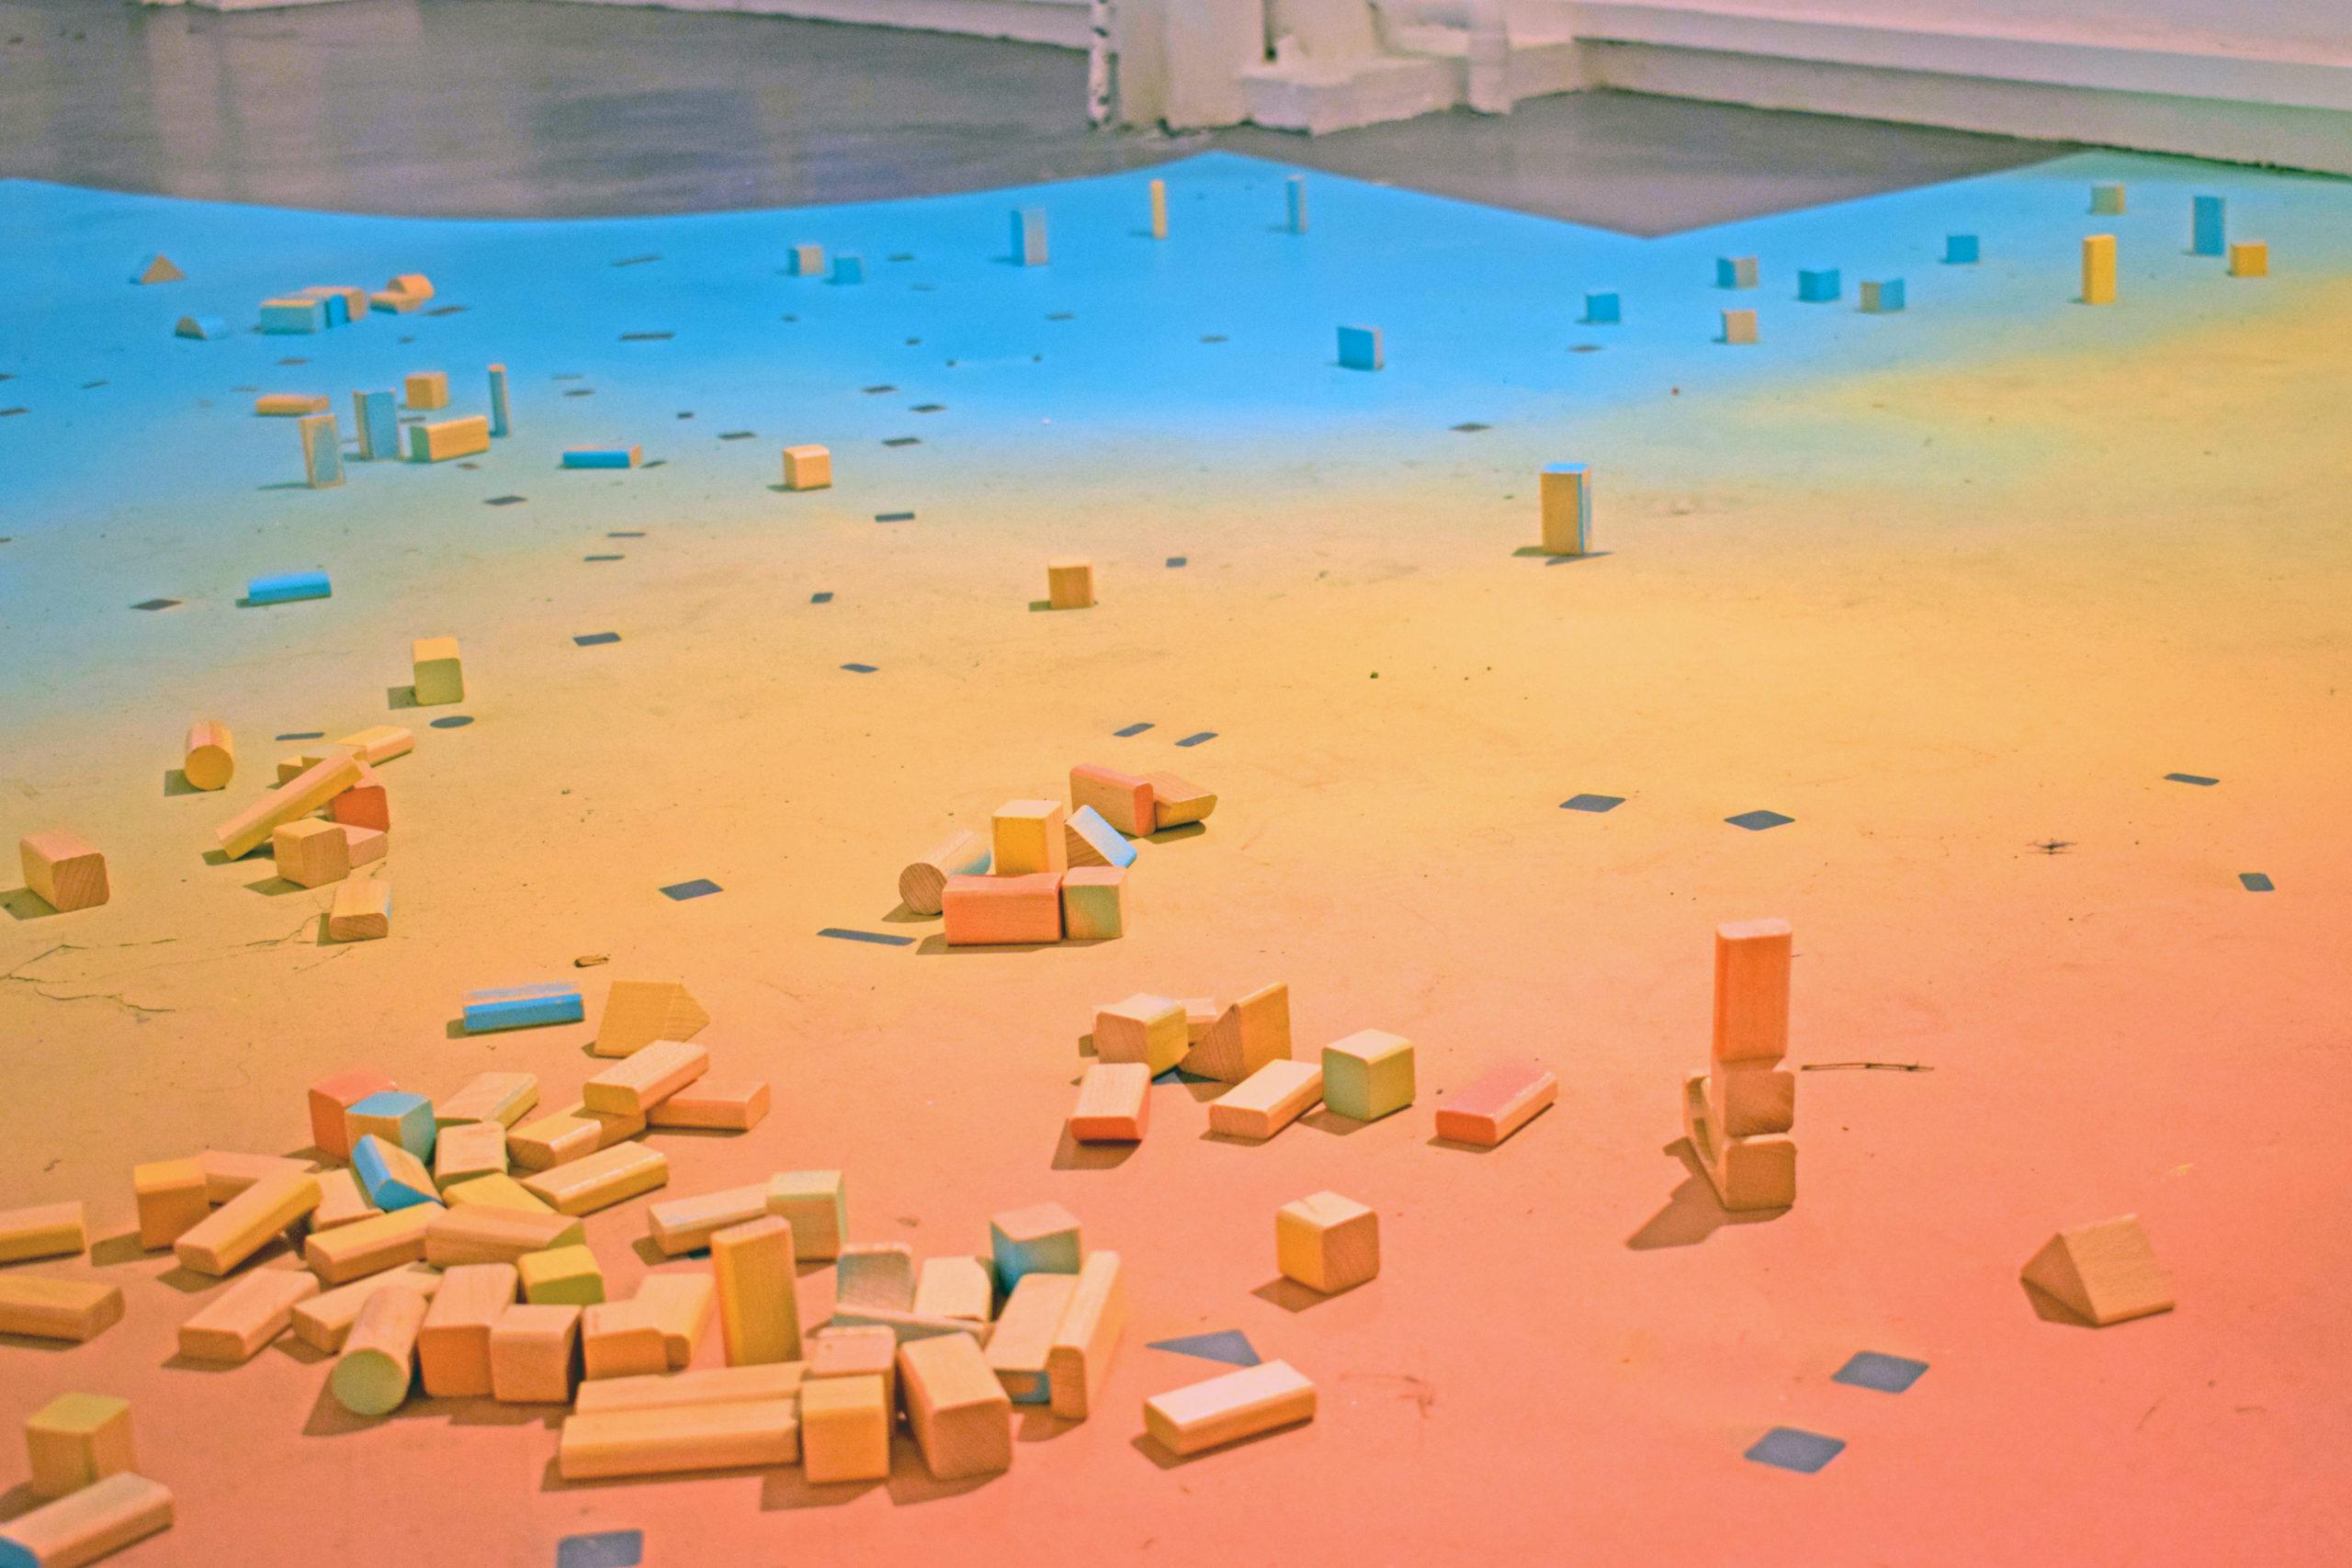 Vanessa Husson et Geoffrey Blan, Playground, 2020, bois, peinture